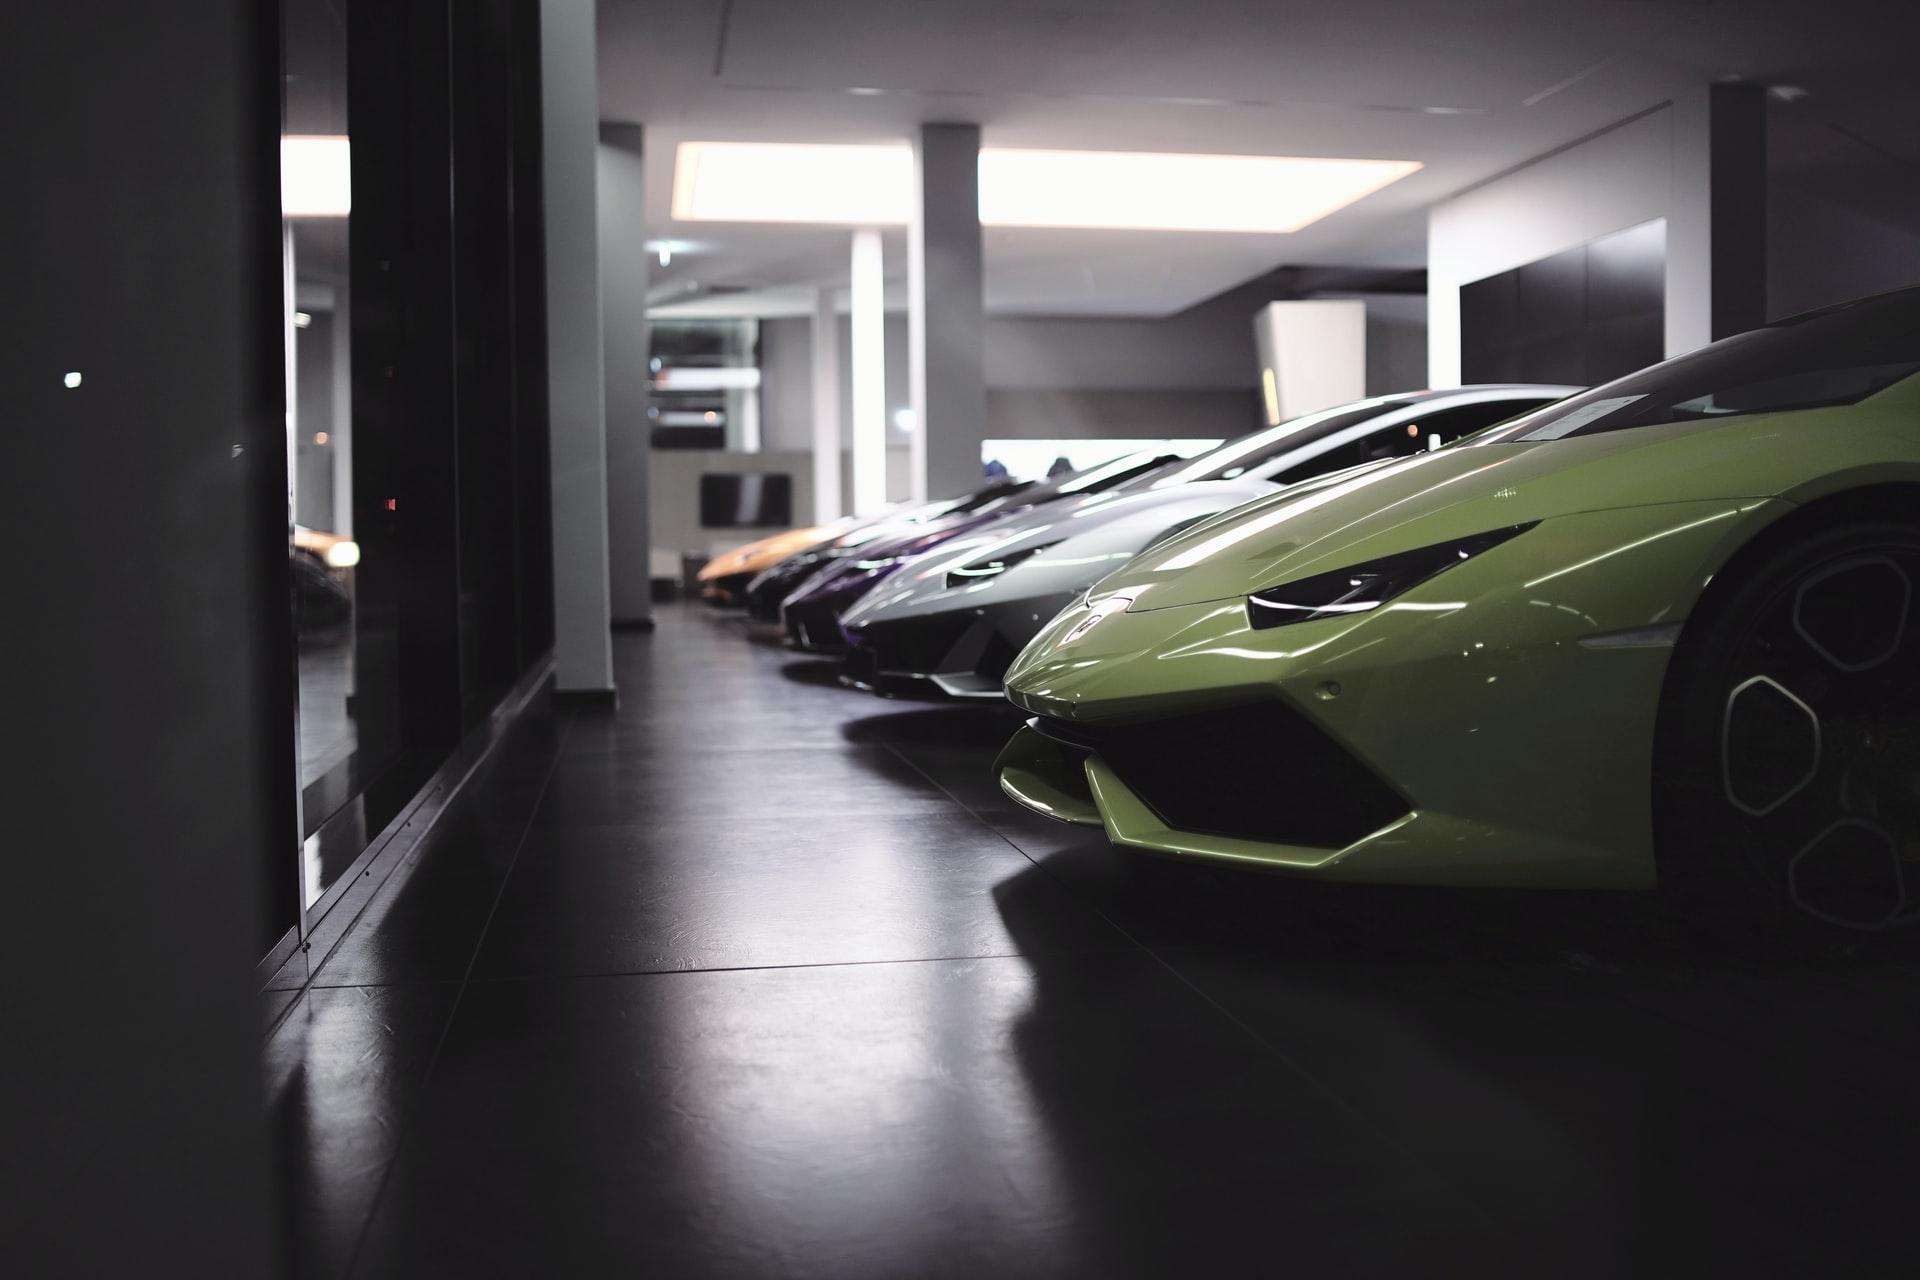 10 เรื่องต้องรู้ ก่อนซื้อรถหรู │Smile Insure